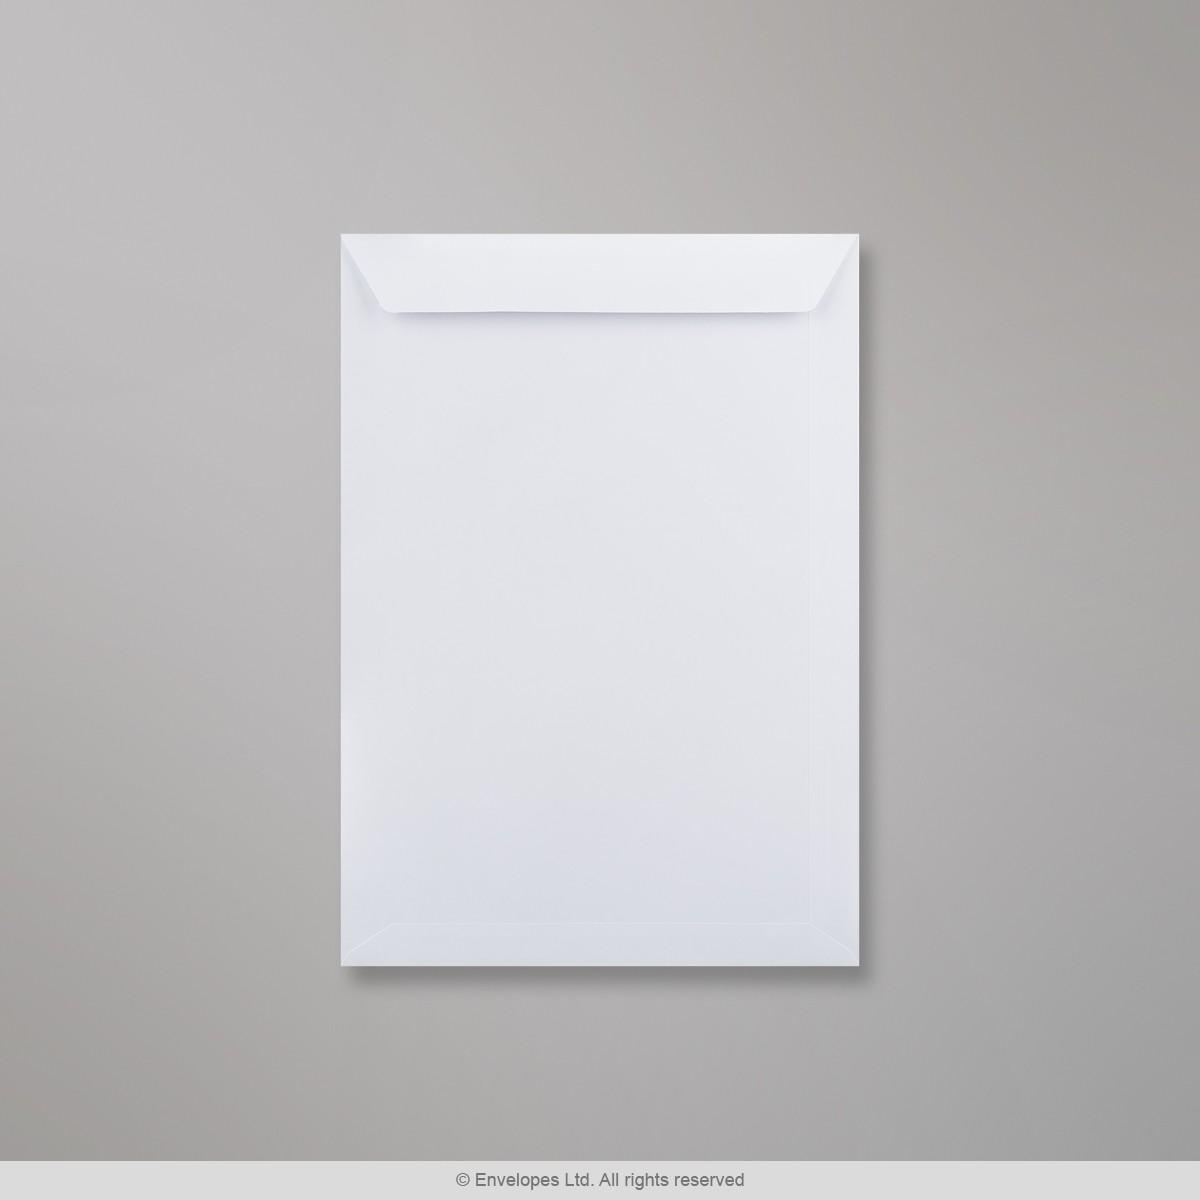 324x229 mm (C4) Vitt kuvert